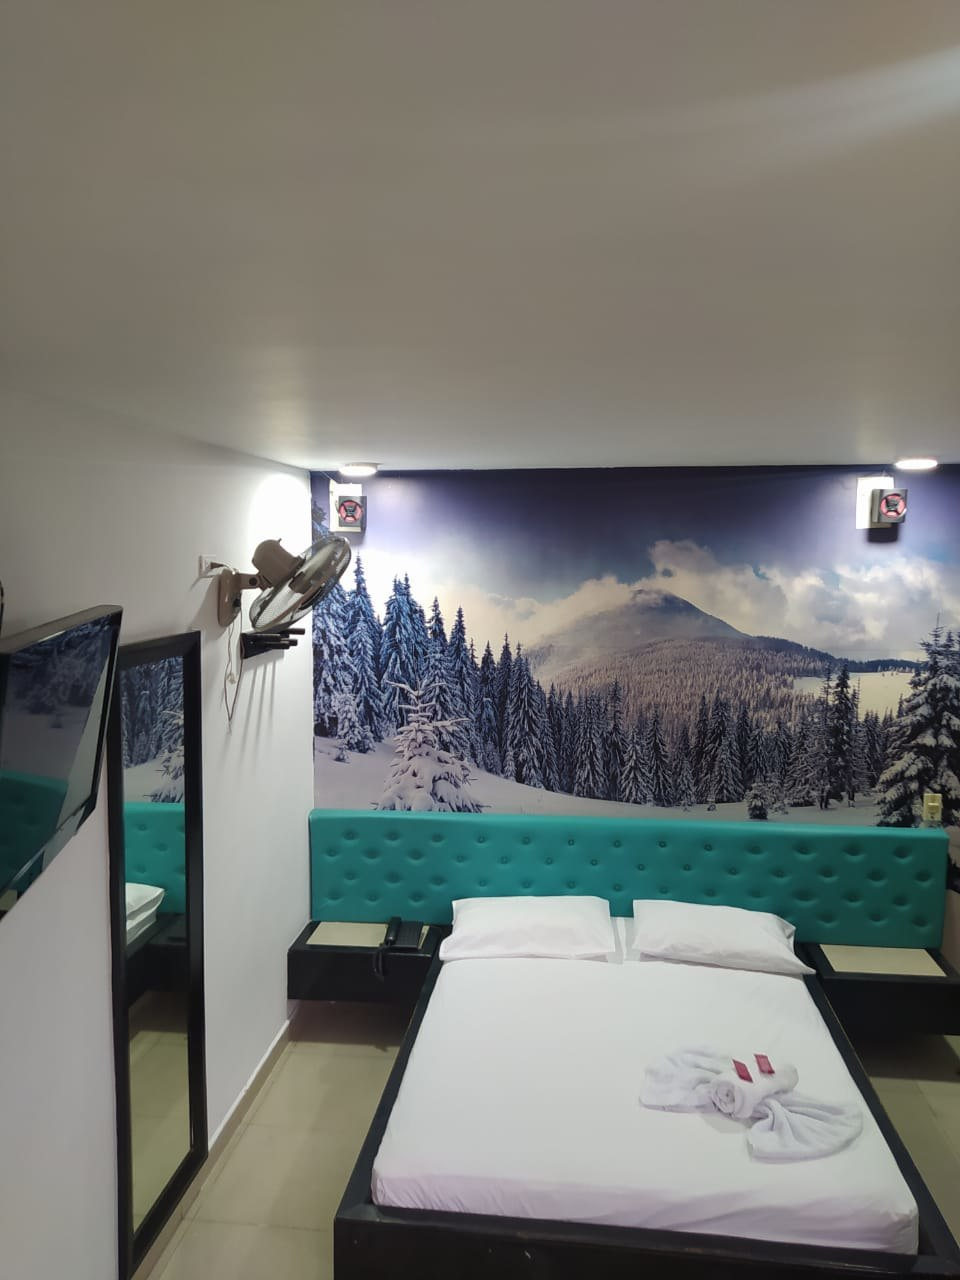 Country Hotel Medellín en Centro - La Candelaria : MotelNow